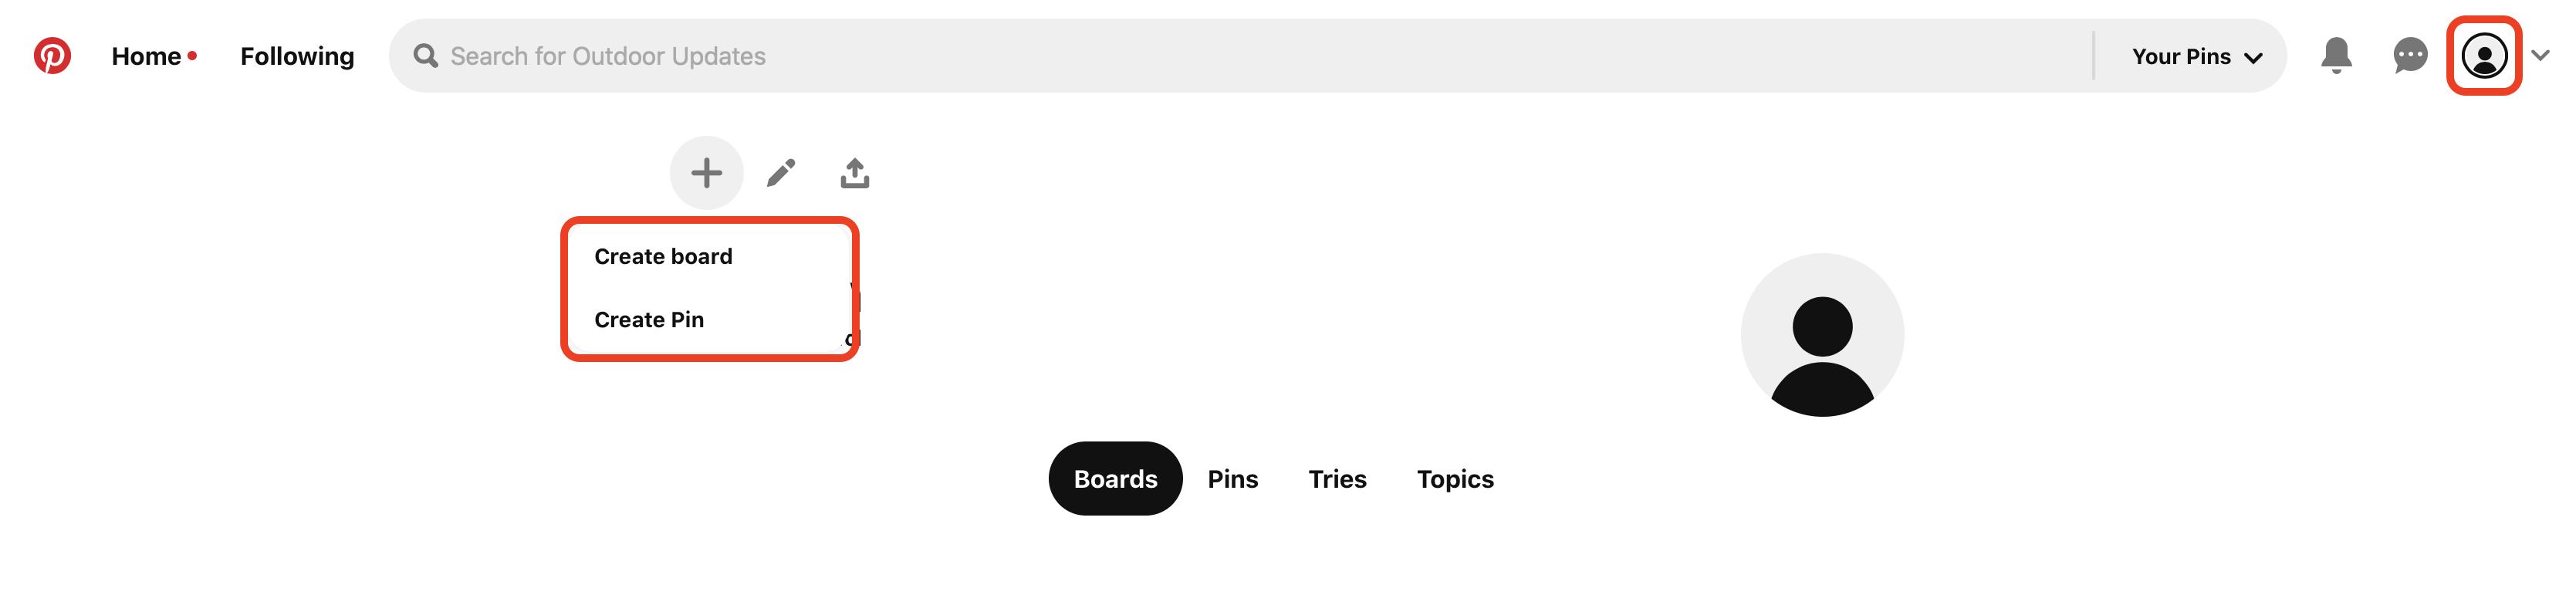 Select Create board or Create pin